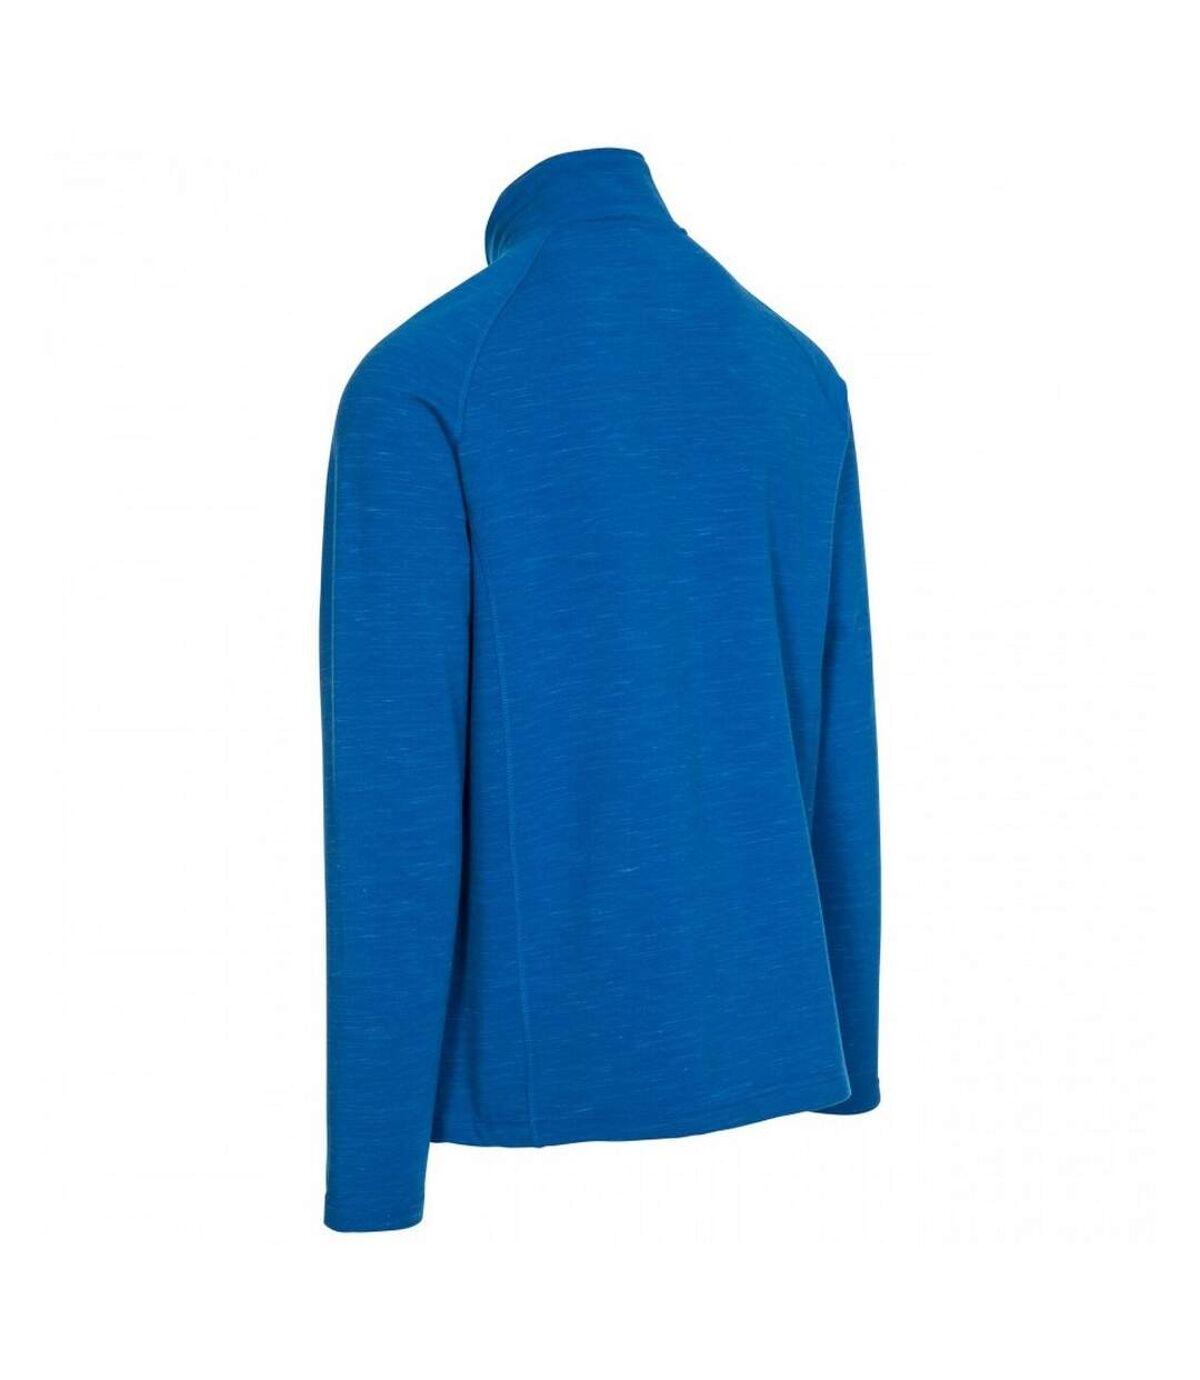 Trespass - Polaire BROLIN - Homme (Bleu chiné) - UTTP4286